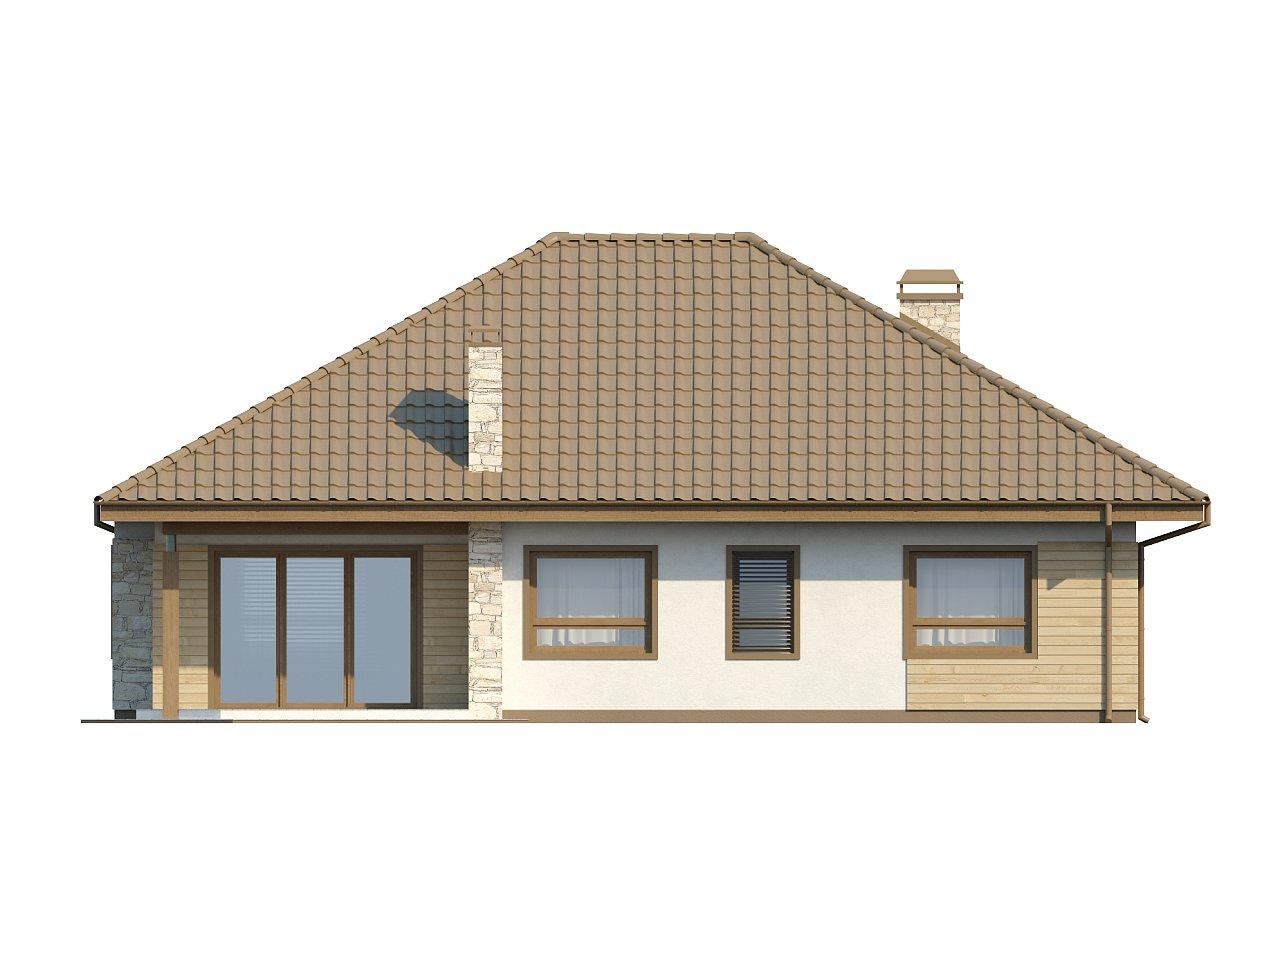 Одноэтажный удобный дом с фронтальным гаражом, с возможностью обустройства мансарды. - фото 15